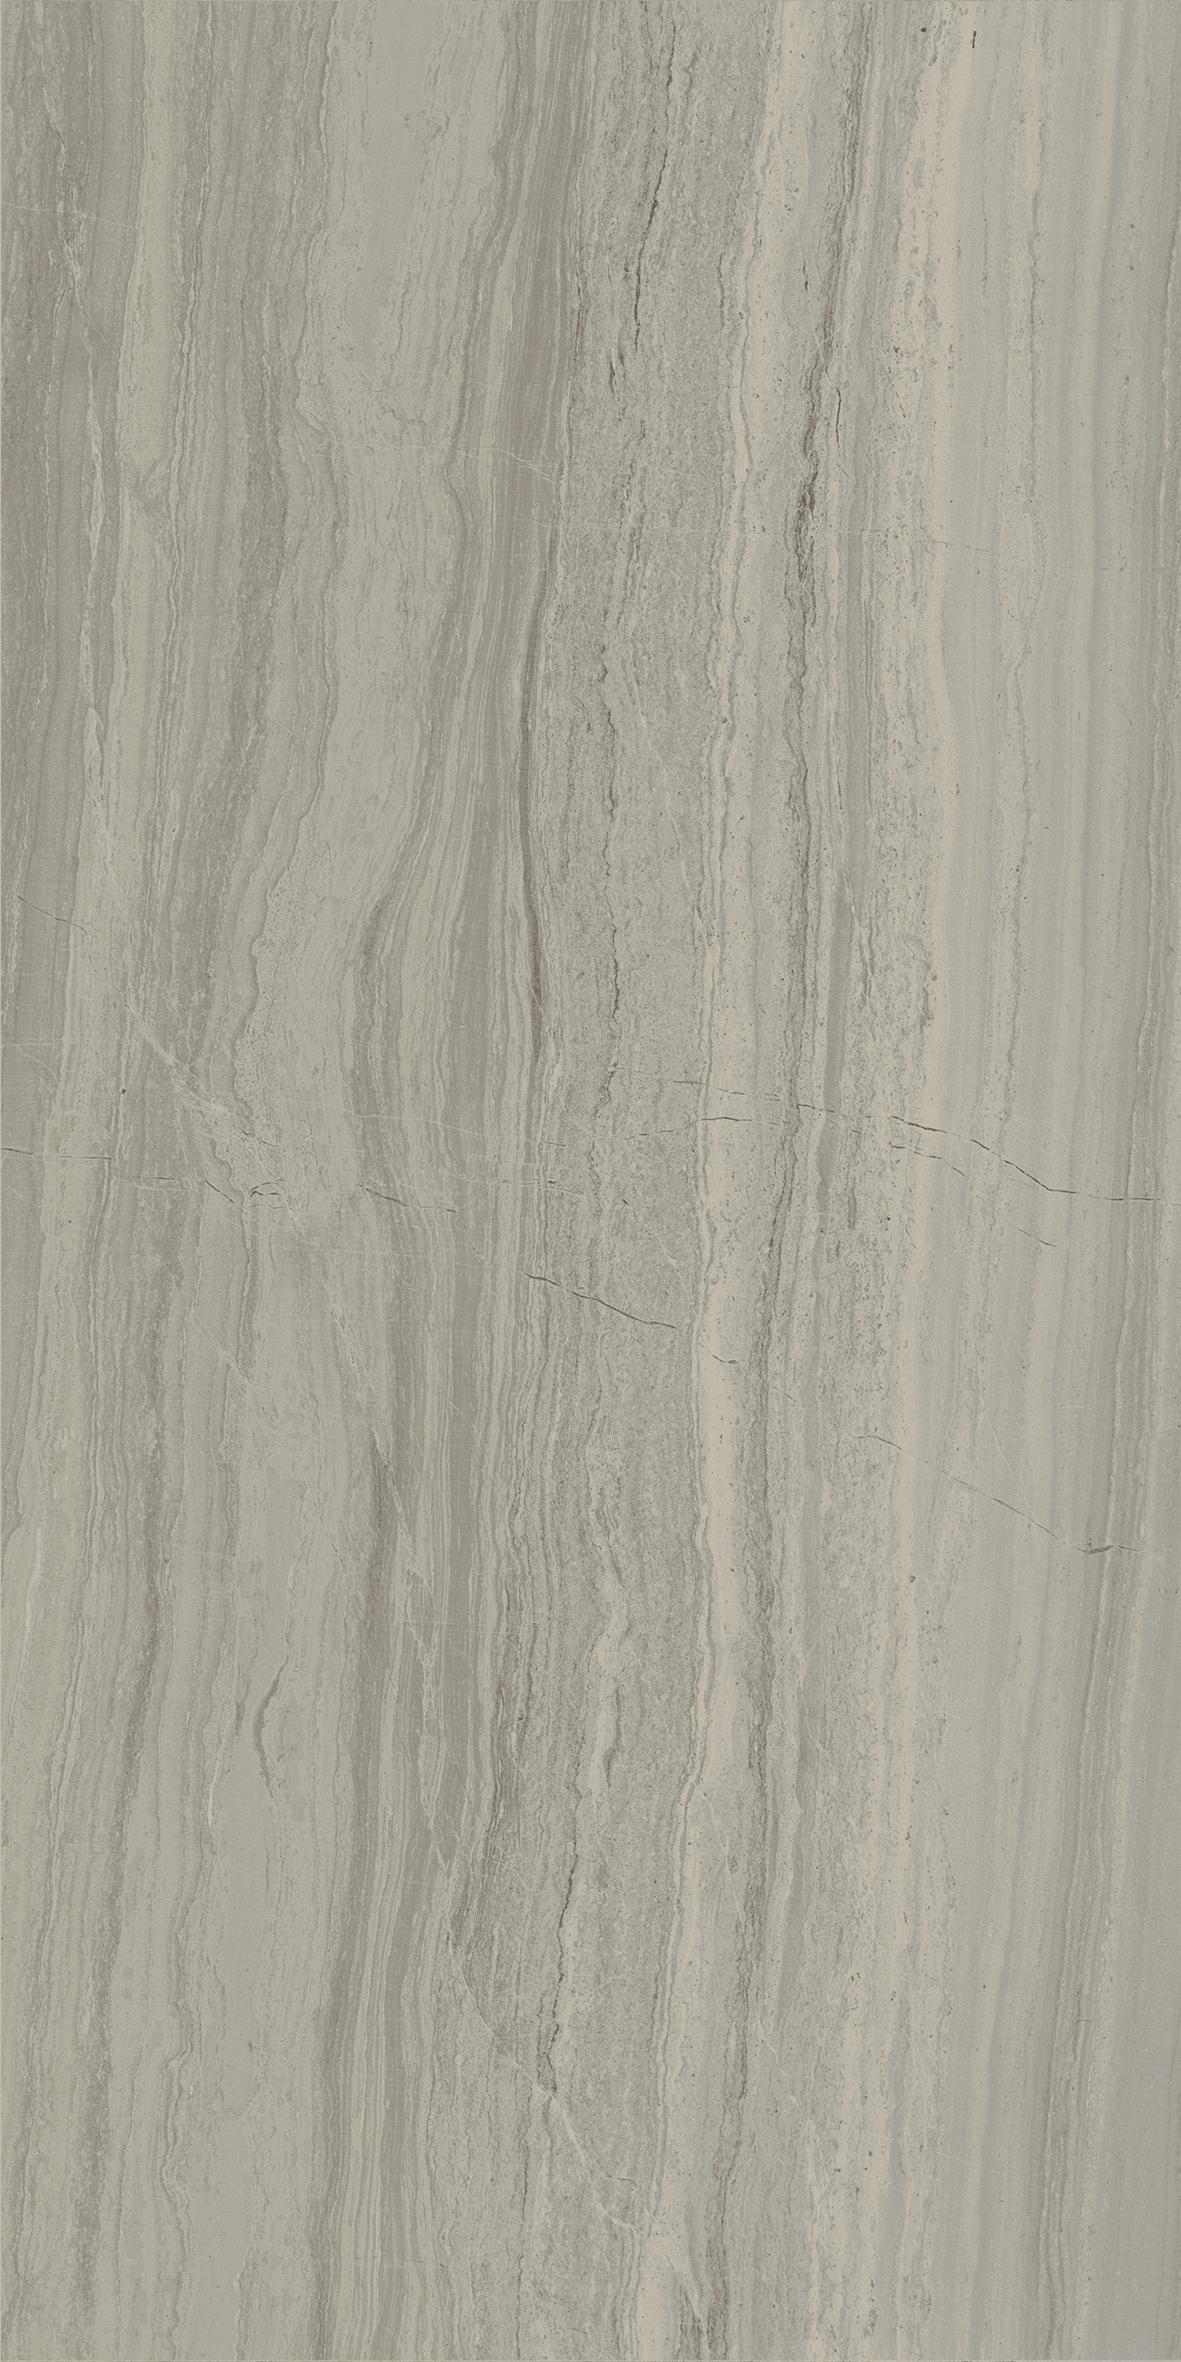 Highland sp hl greige 1836 f12 USG1836204